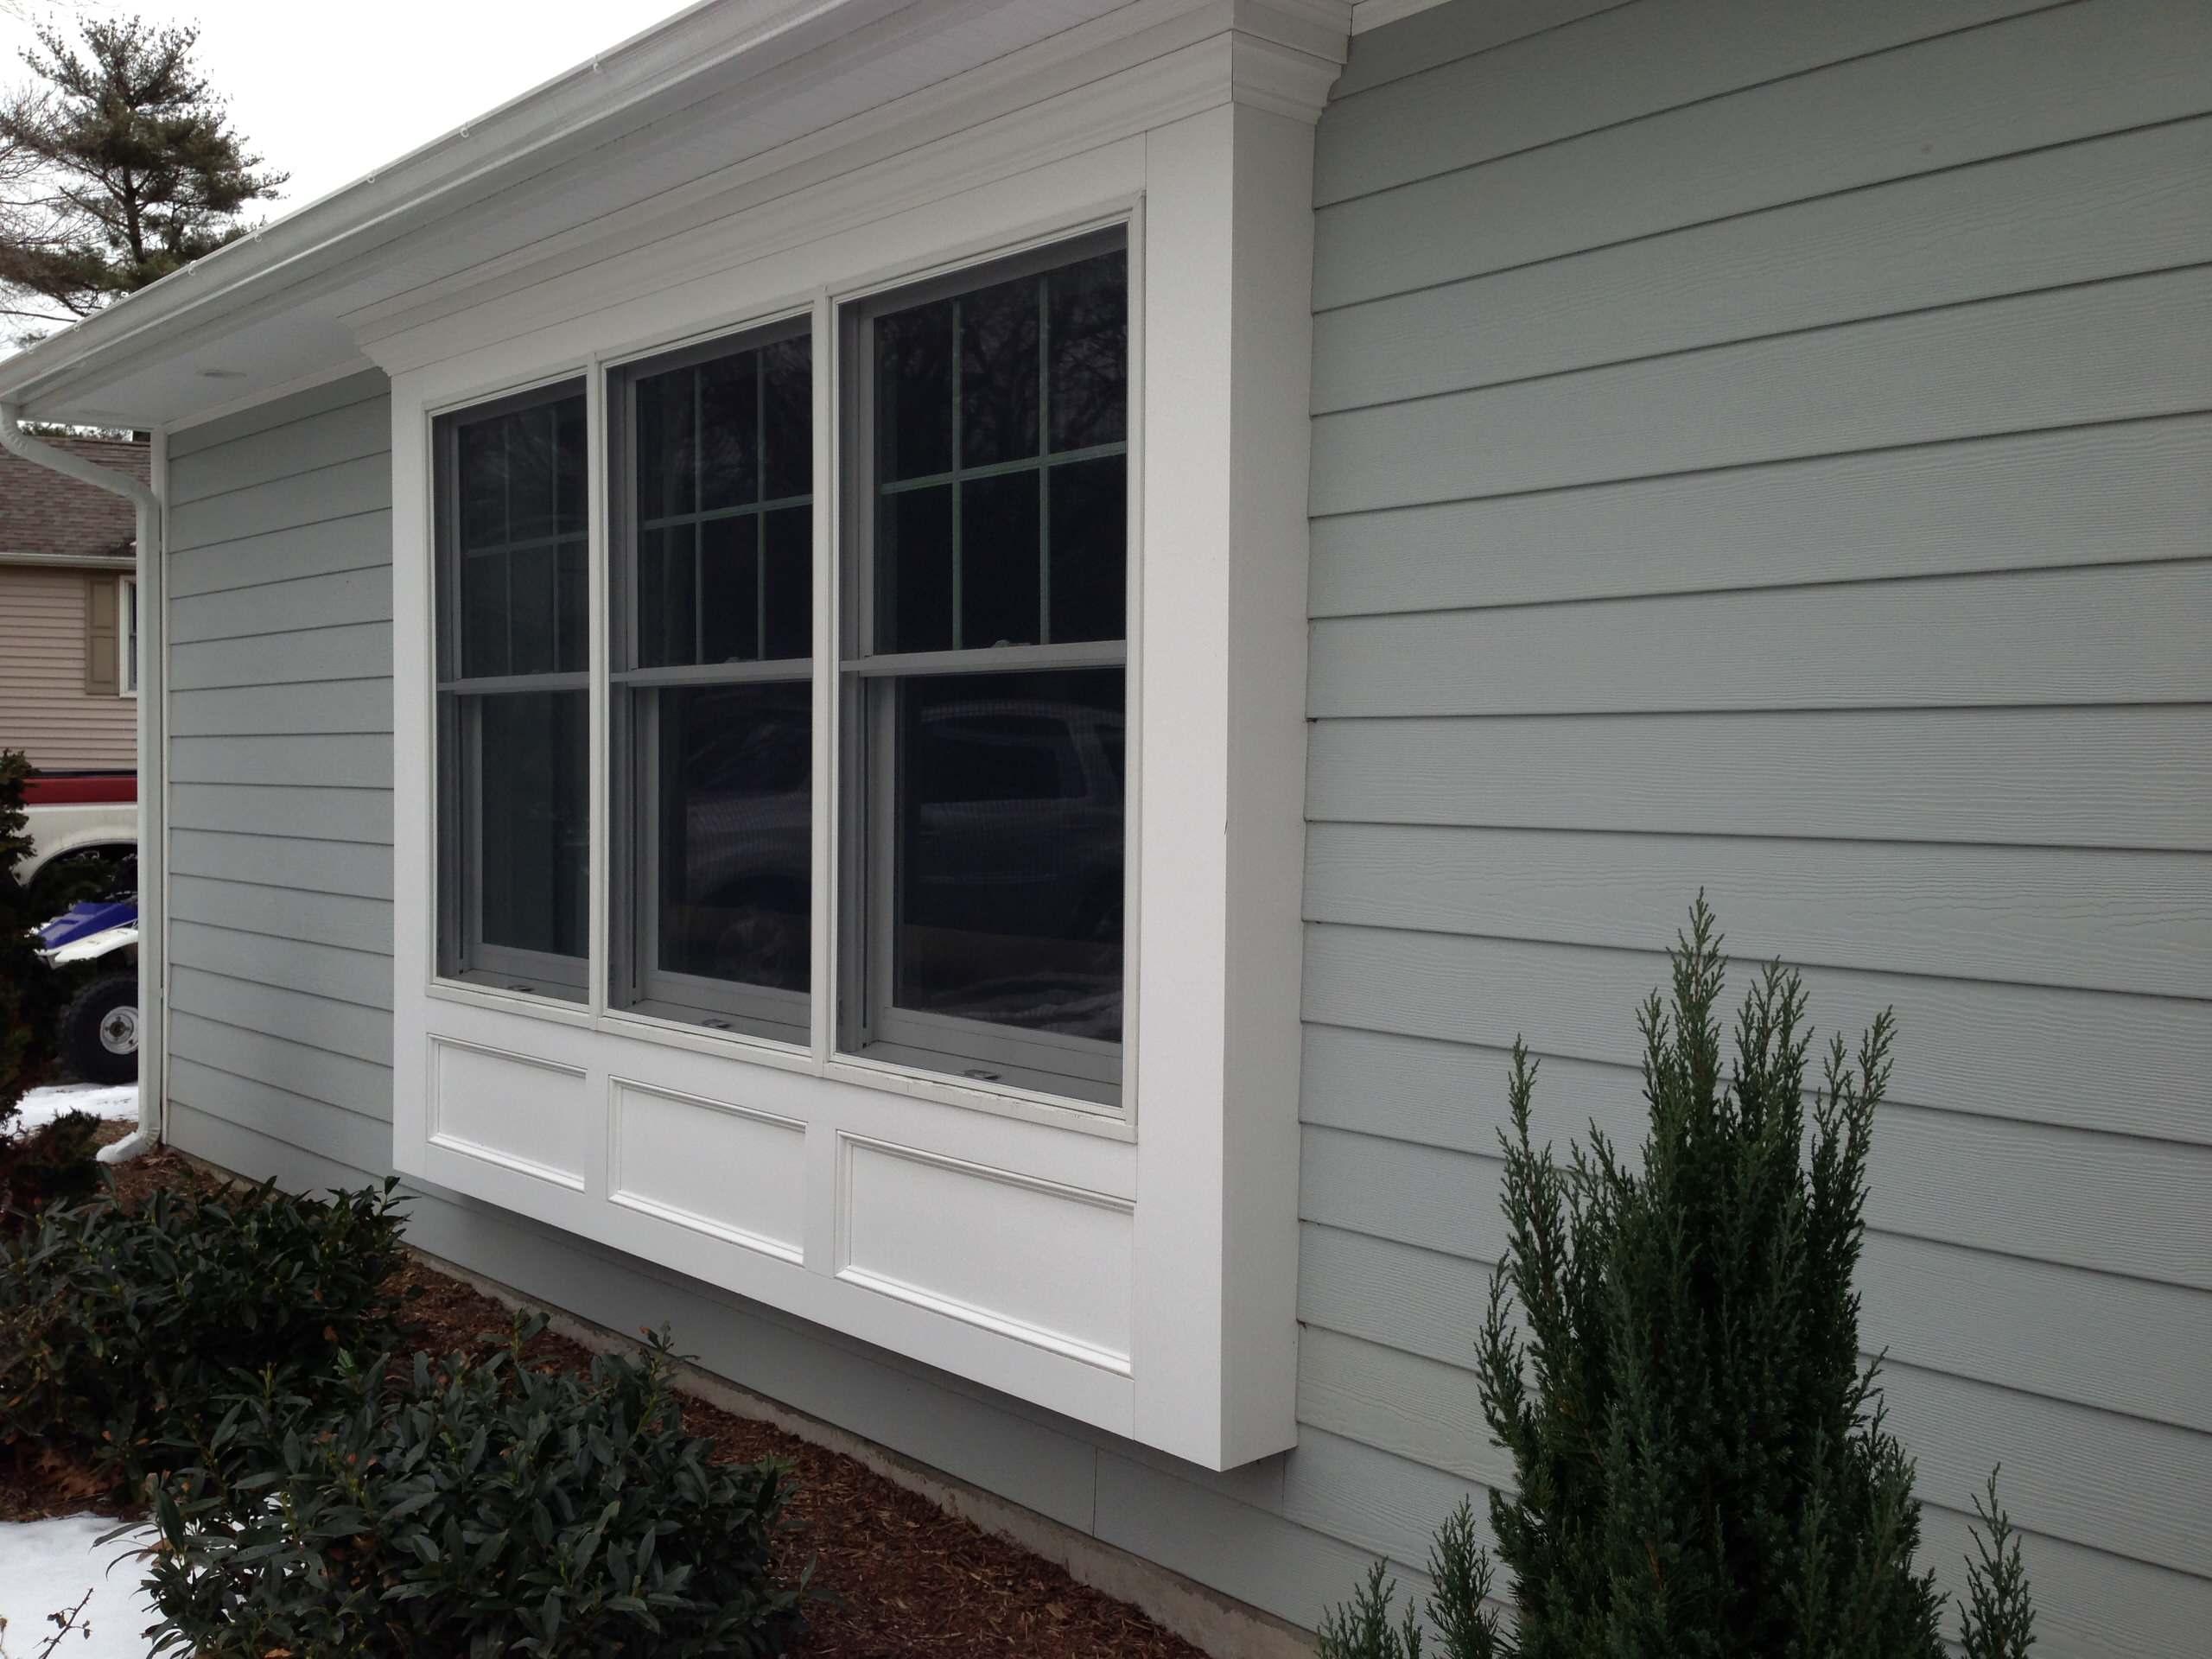 Box Bay Window   Houzz